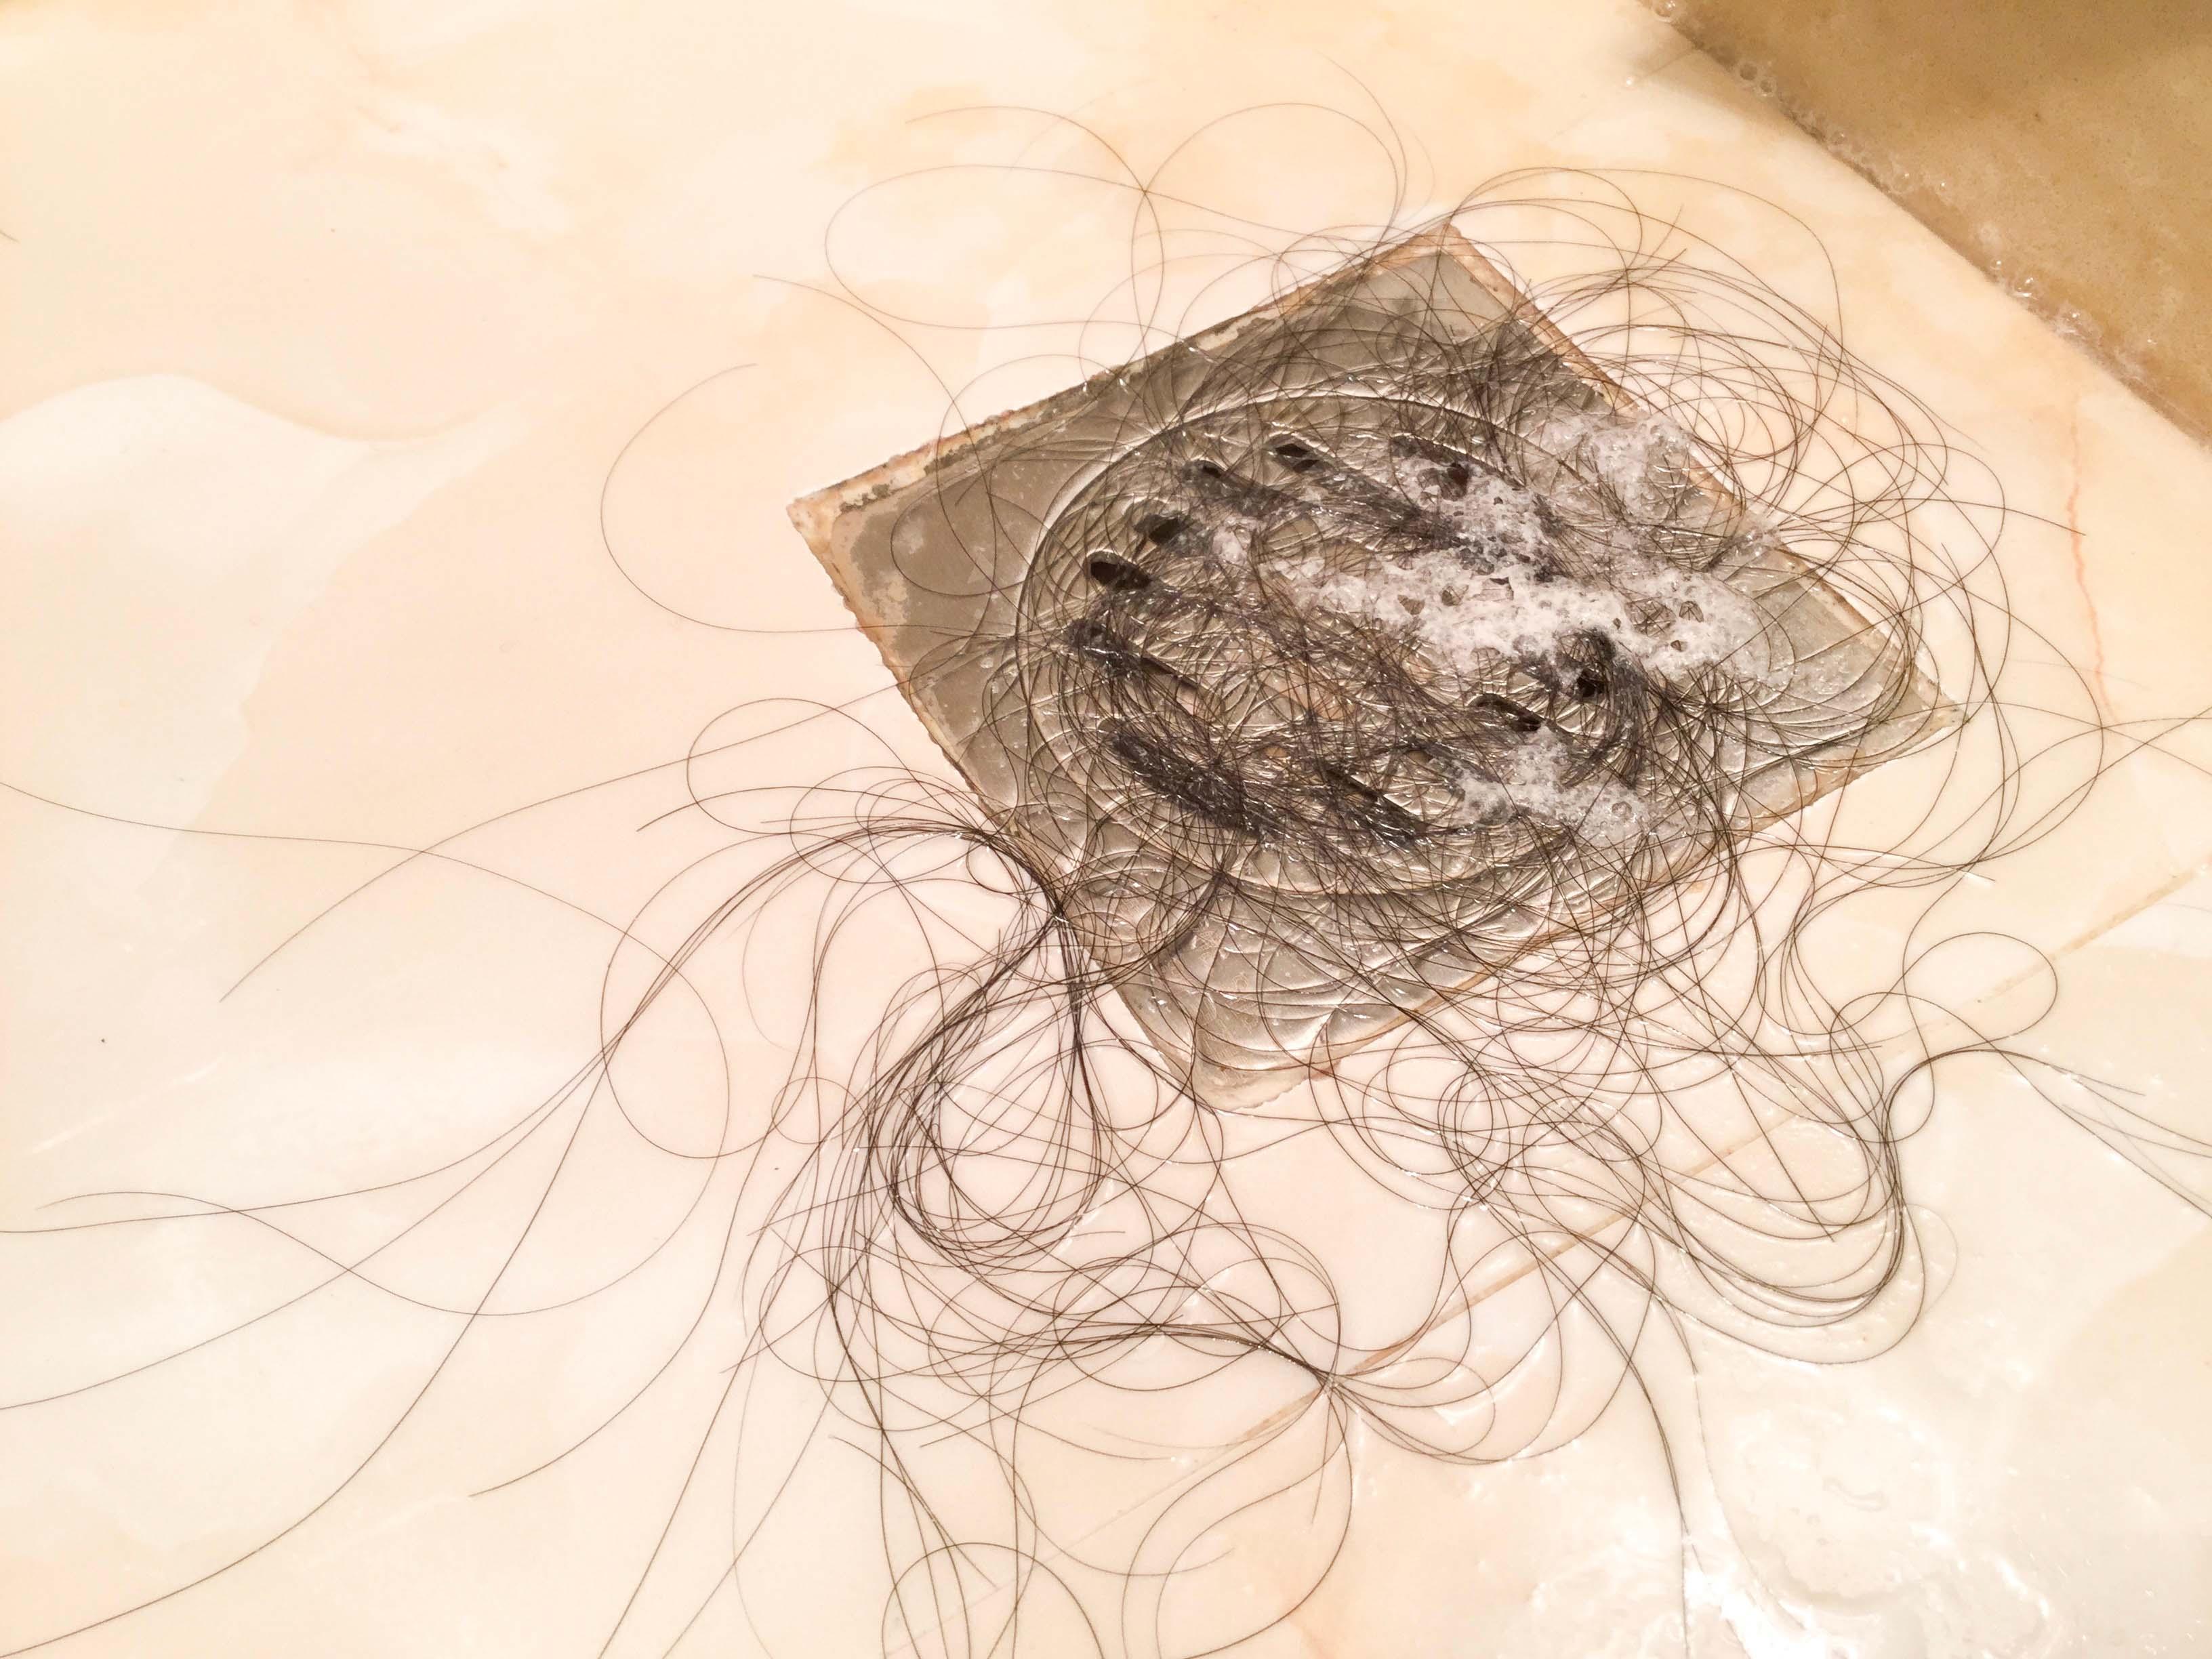 hair clogging drains